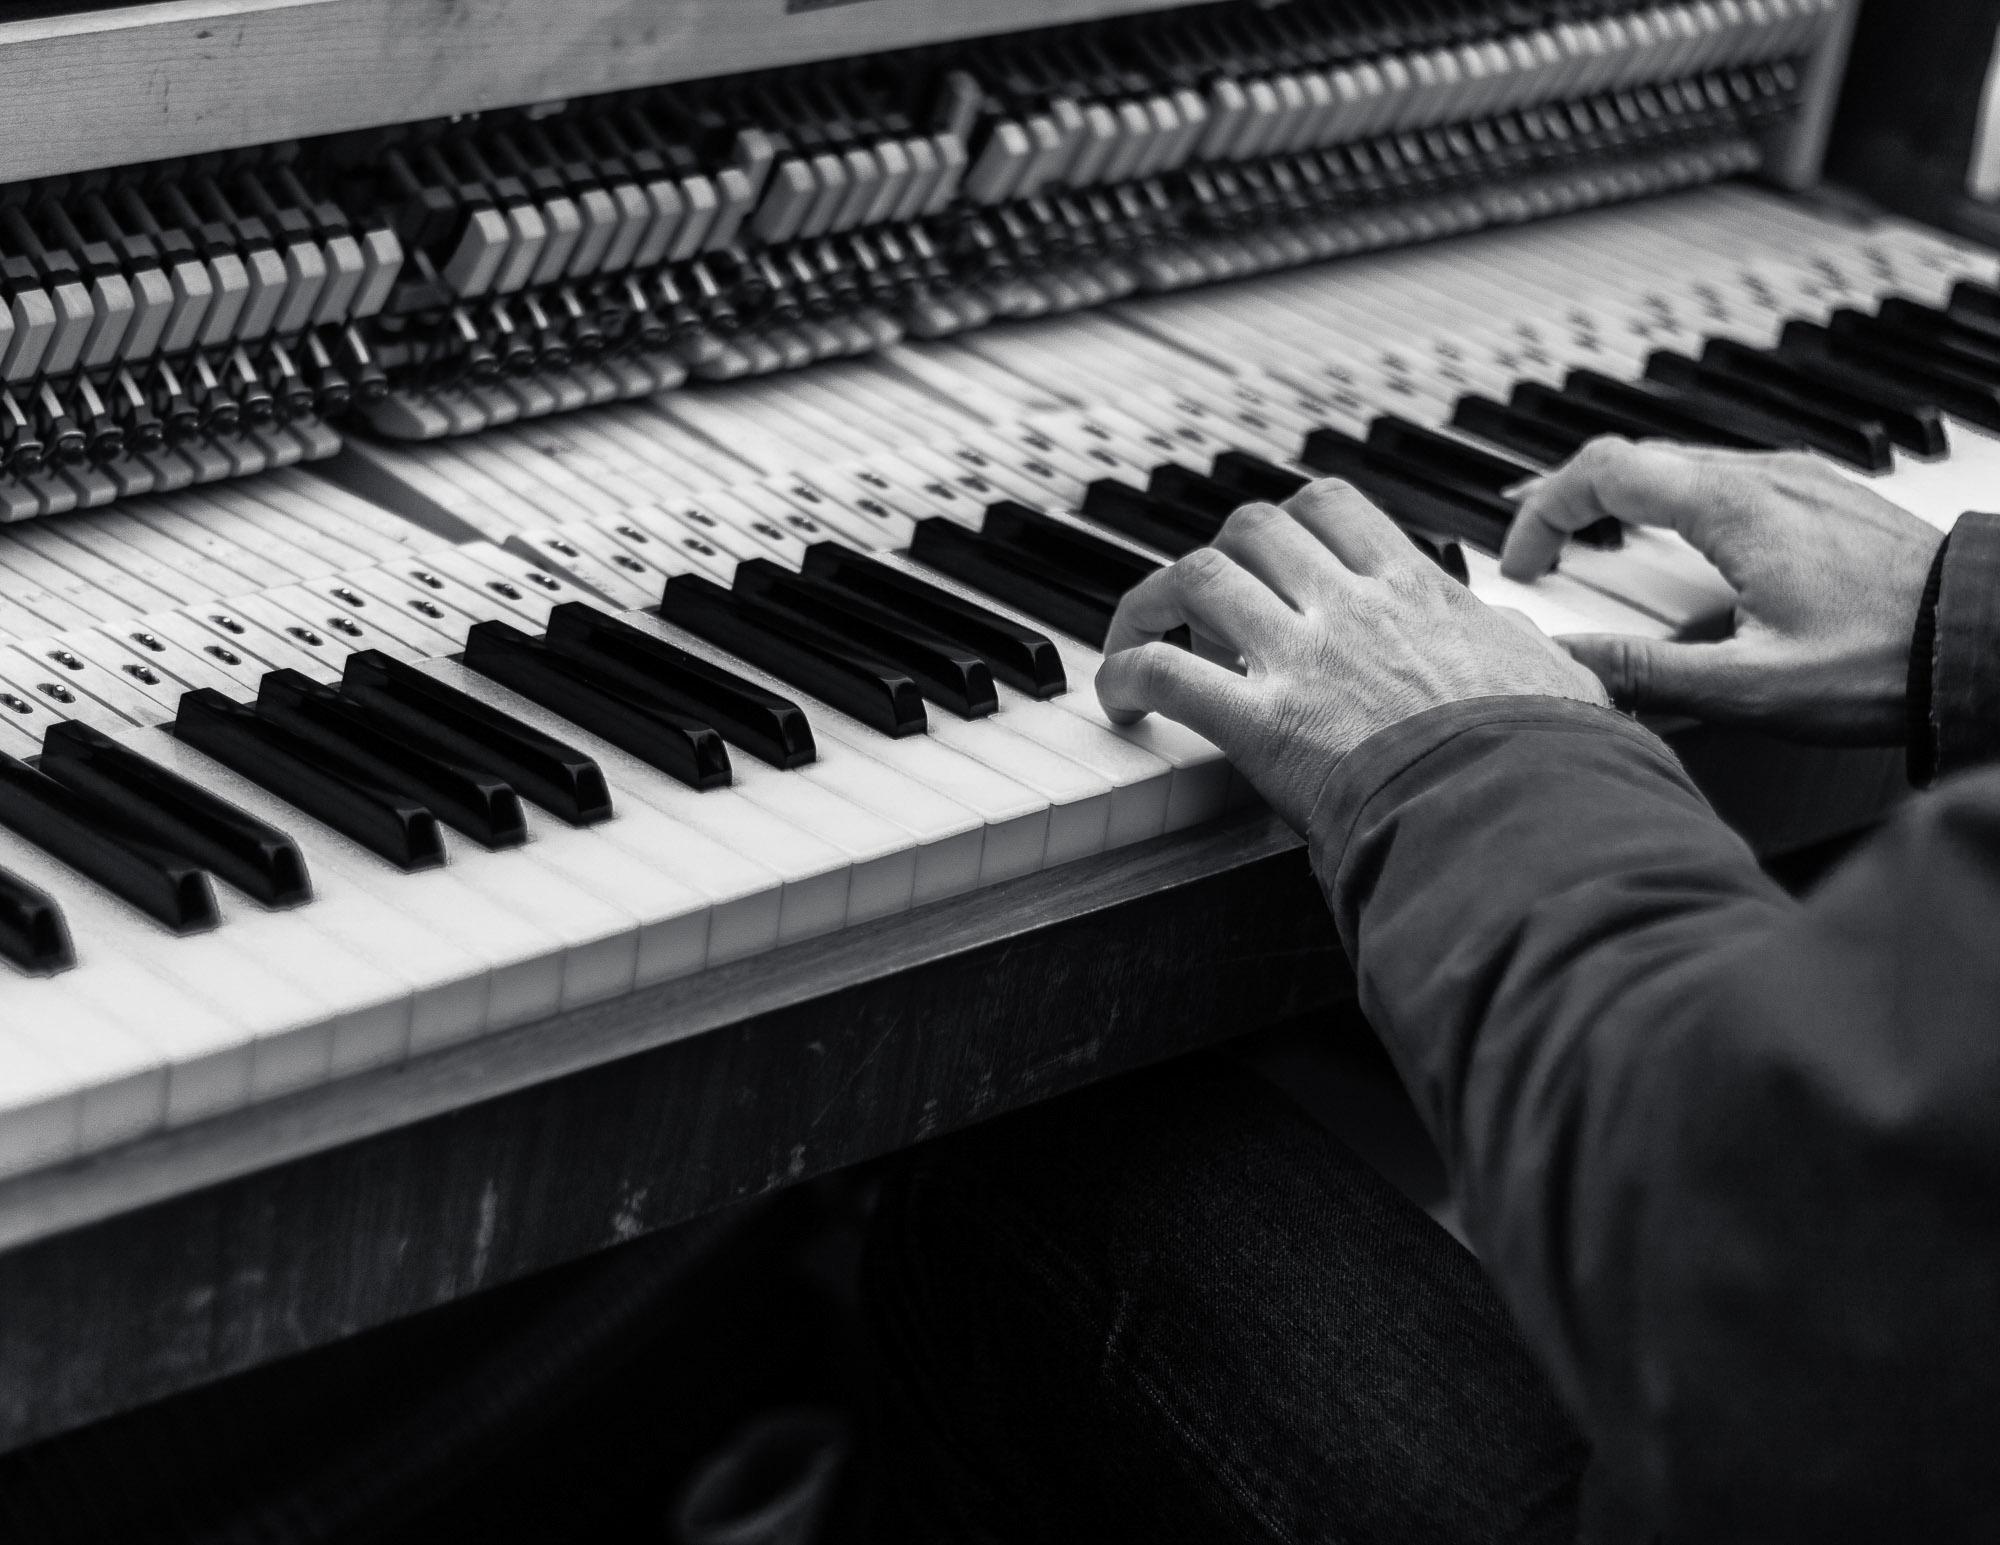 danny / Grand Piano